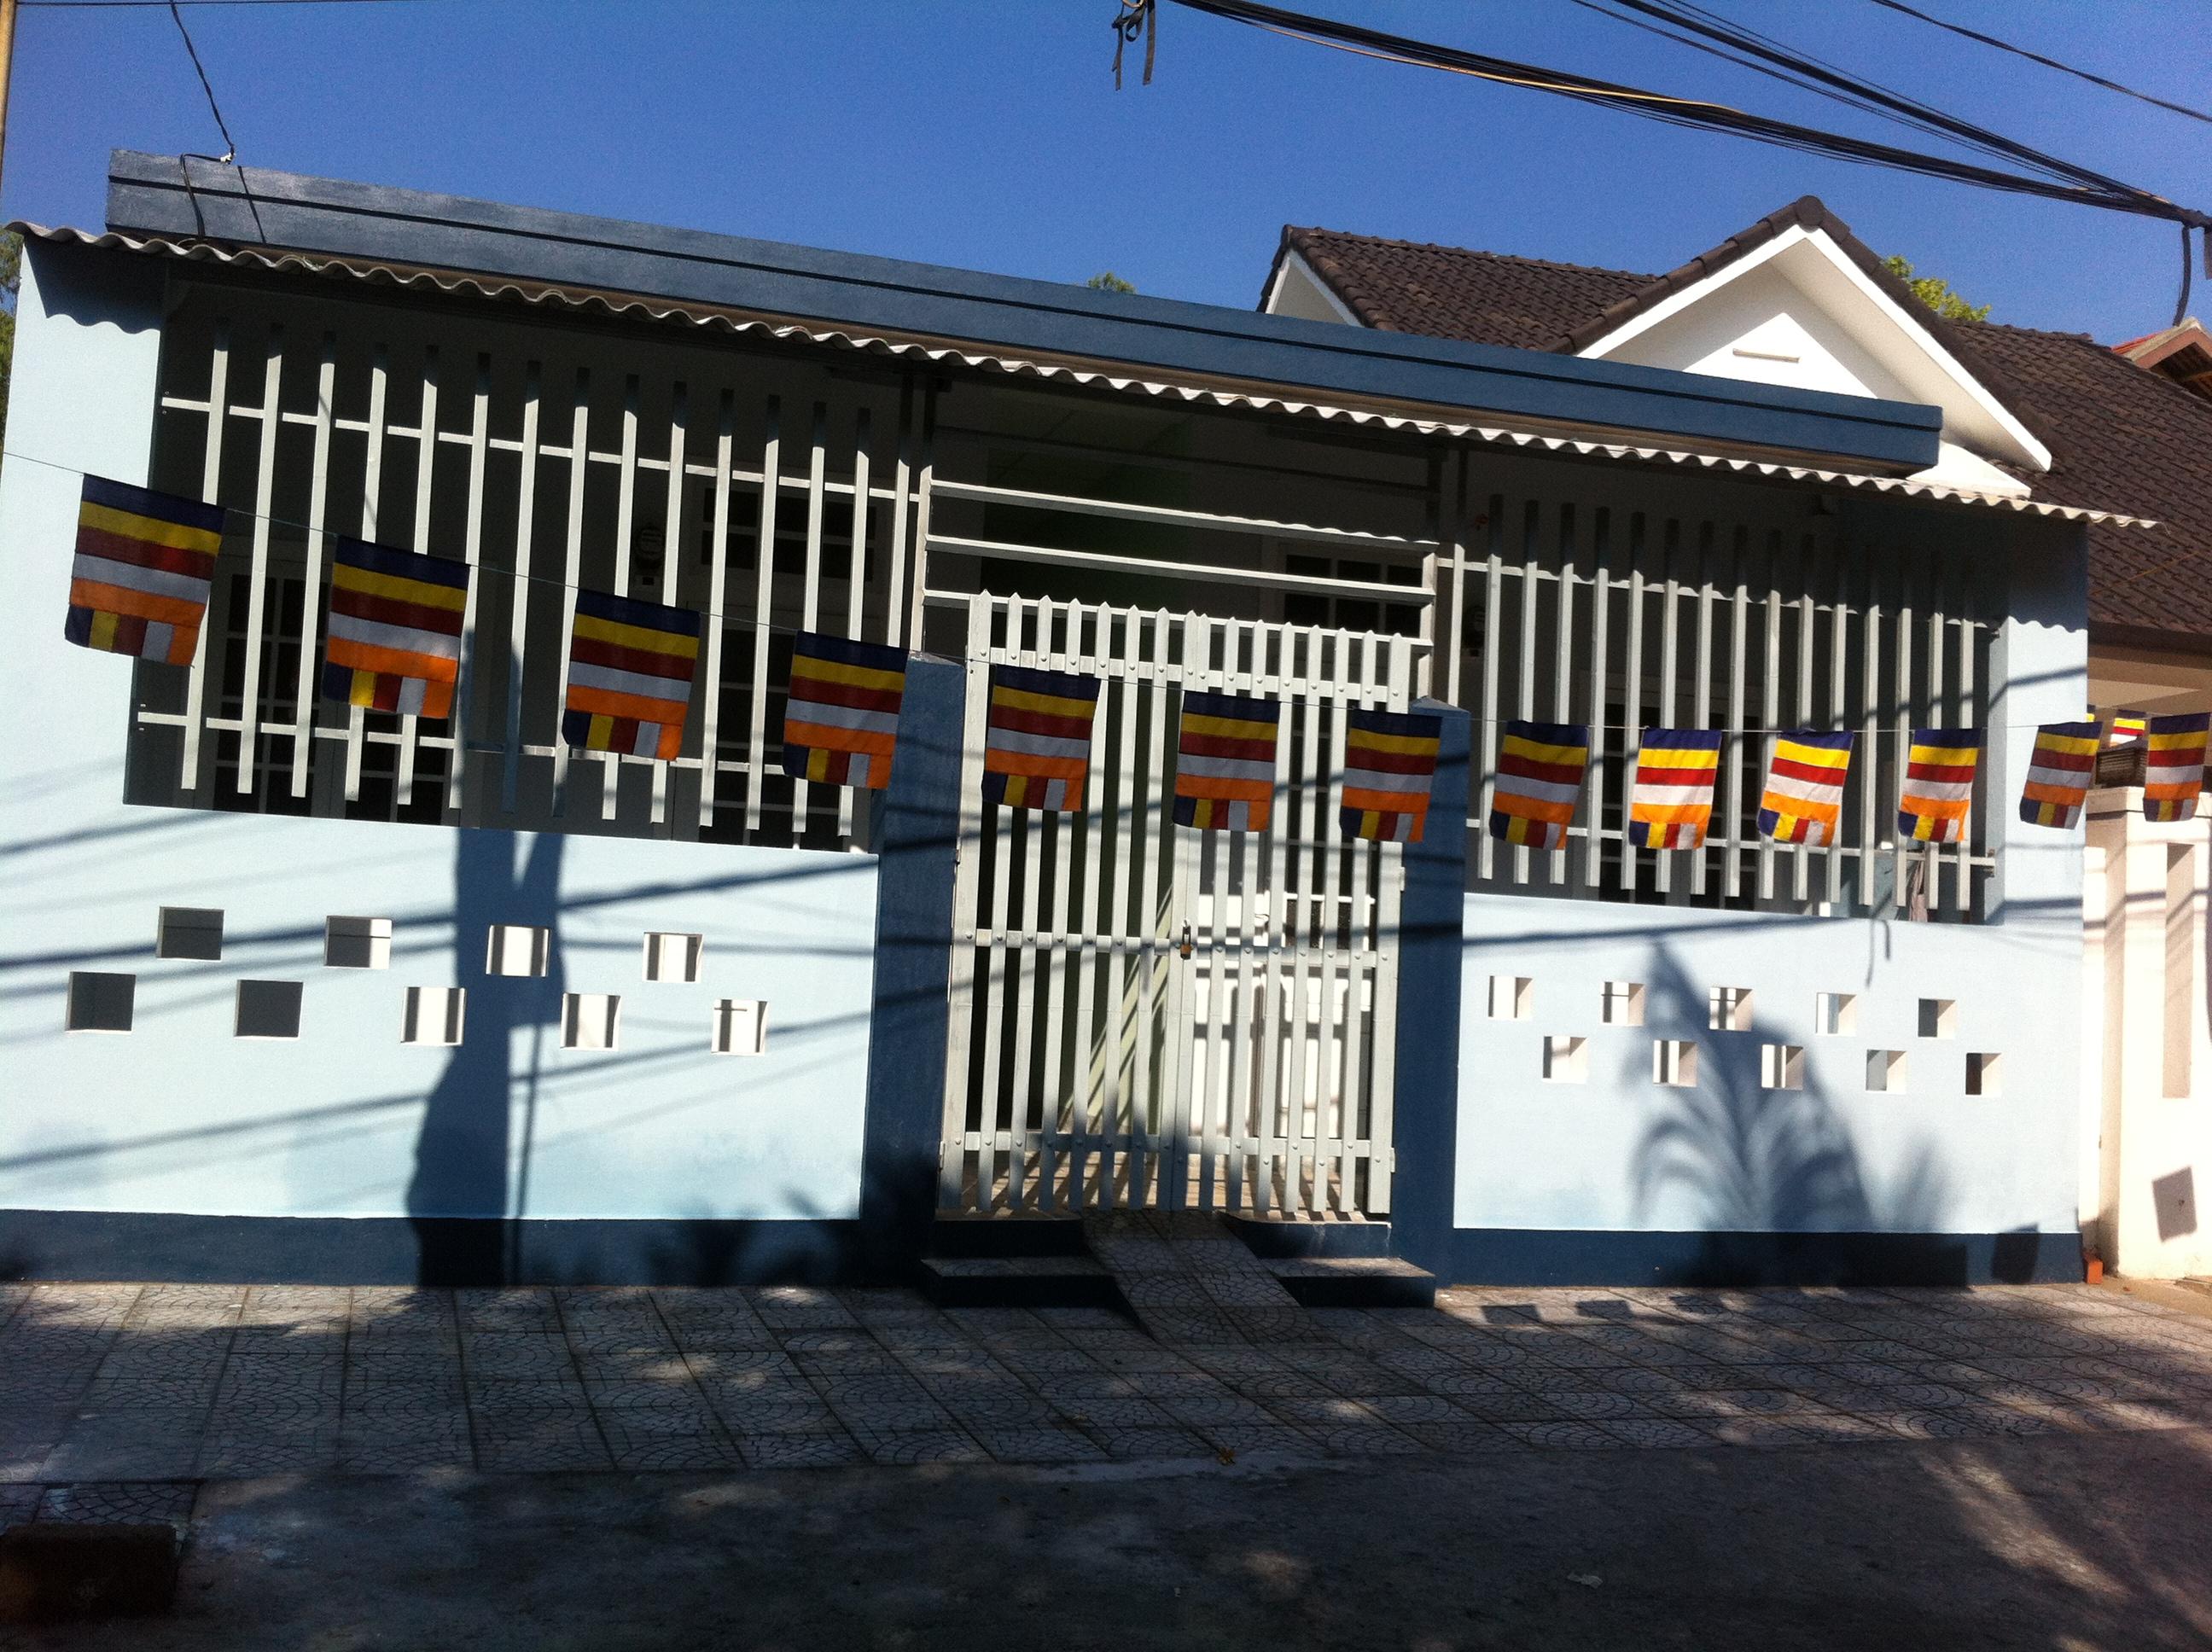 8 Cho thuê phòng trọ 30m2, gần cây xăng Nam Giao, Huế - chính chủ